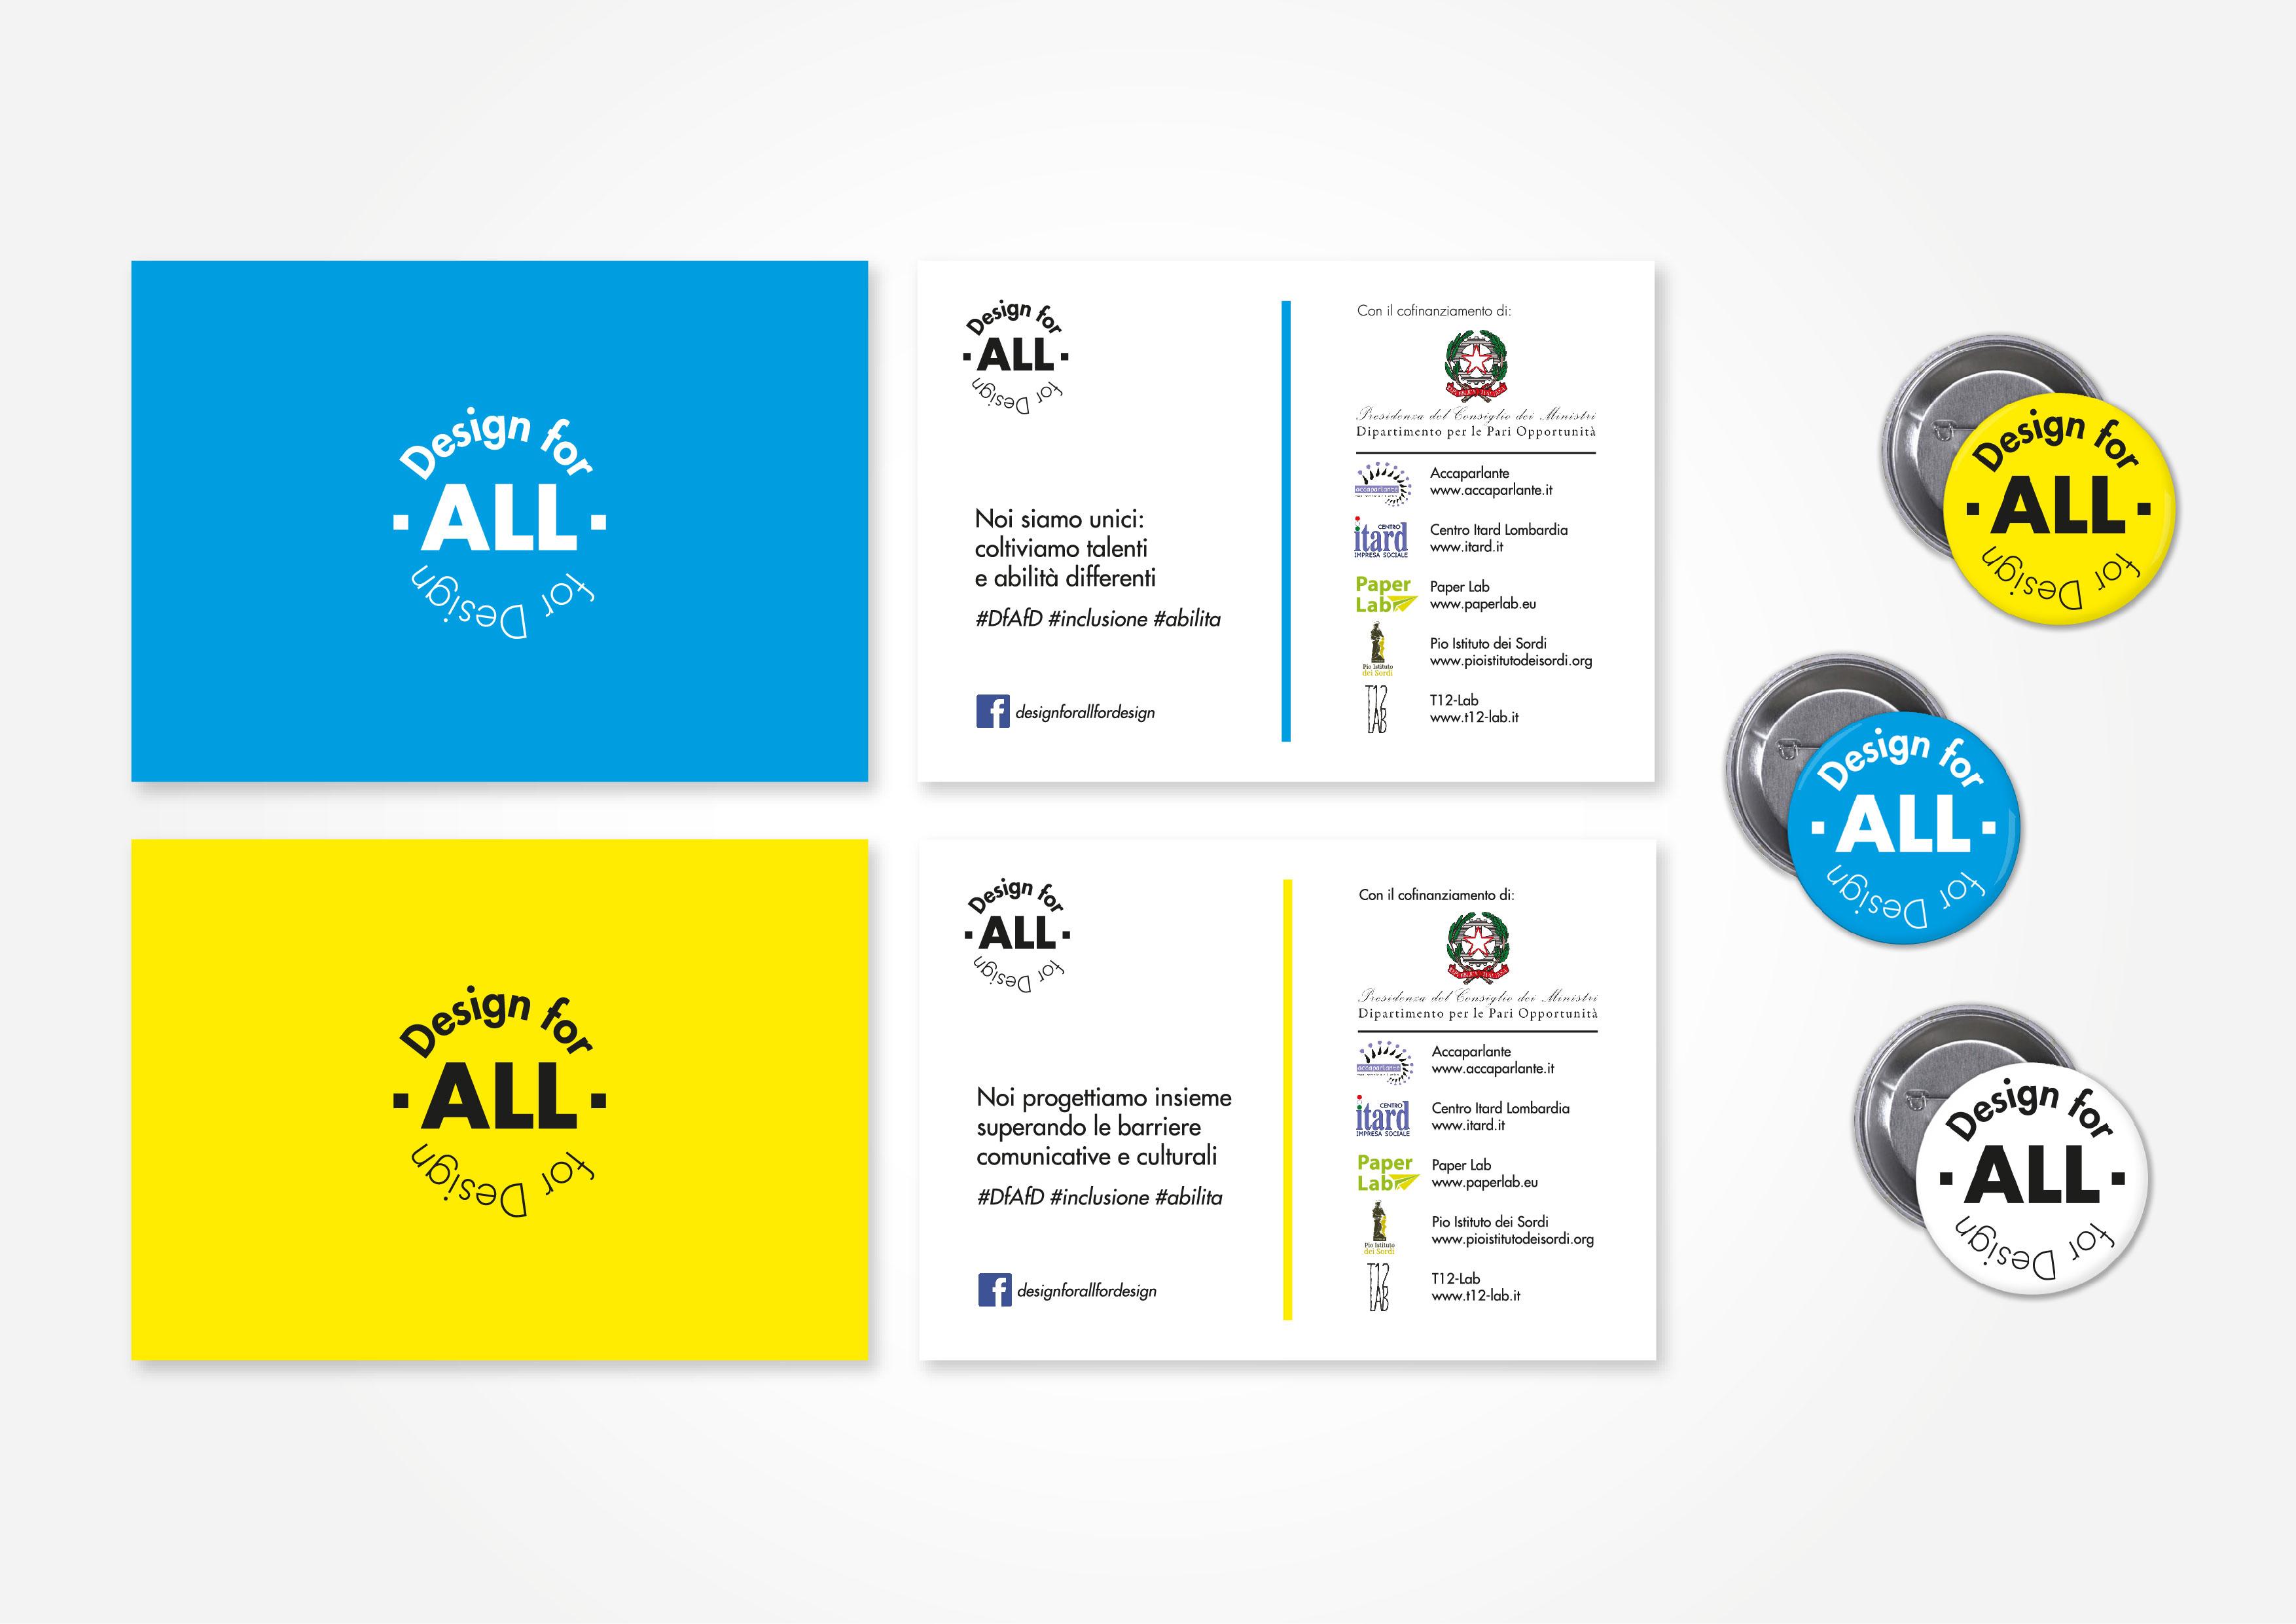 Design for All for Design - promozione